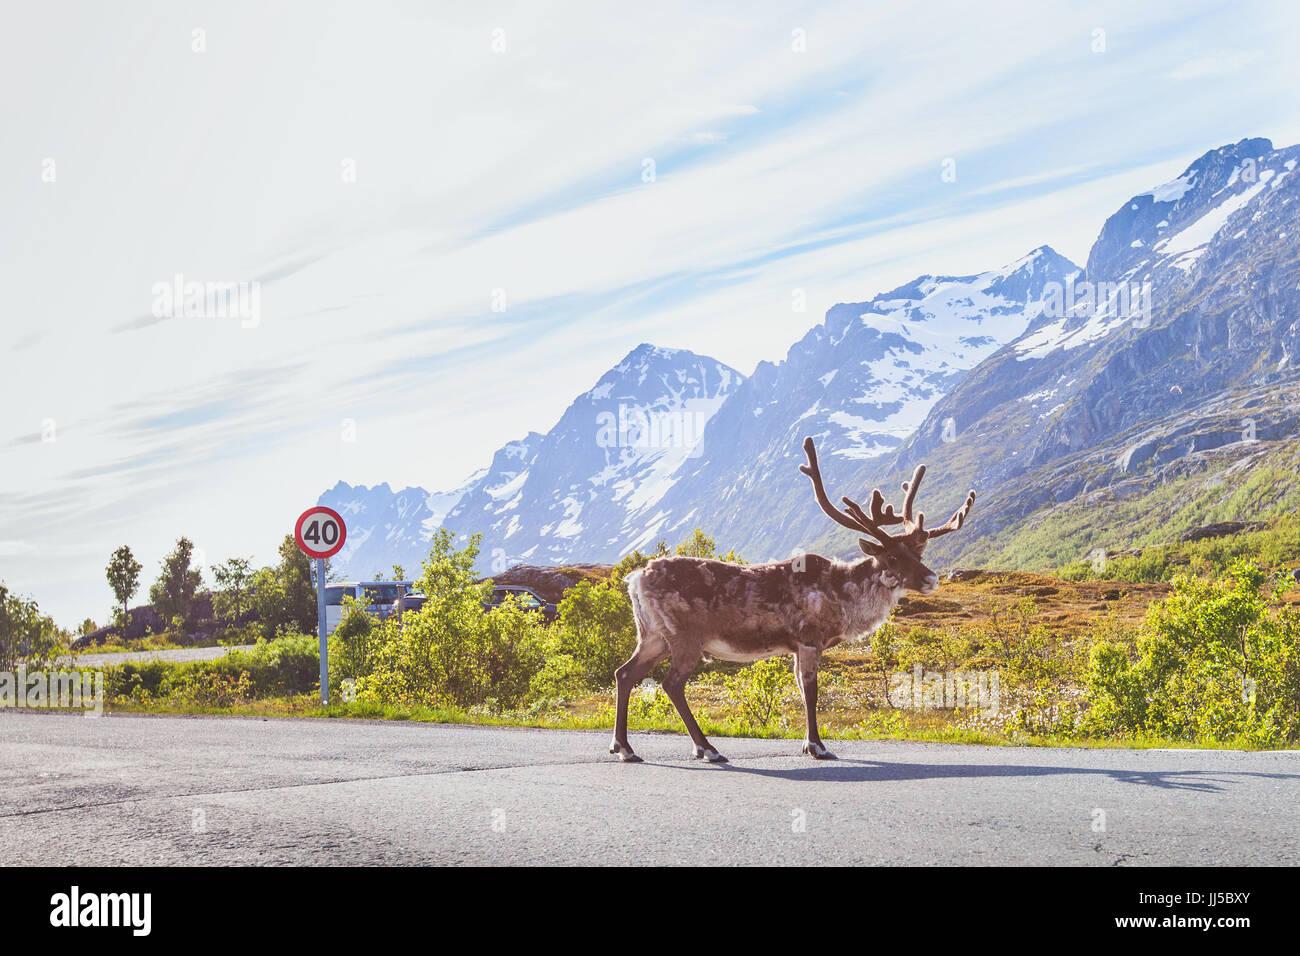 Los renos caminando sobre la carretera en Noruega Foto de stock